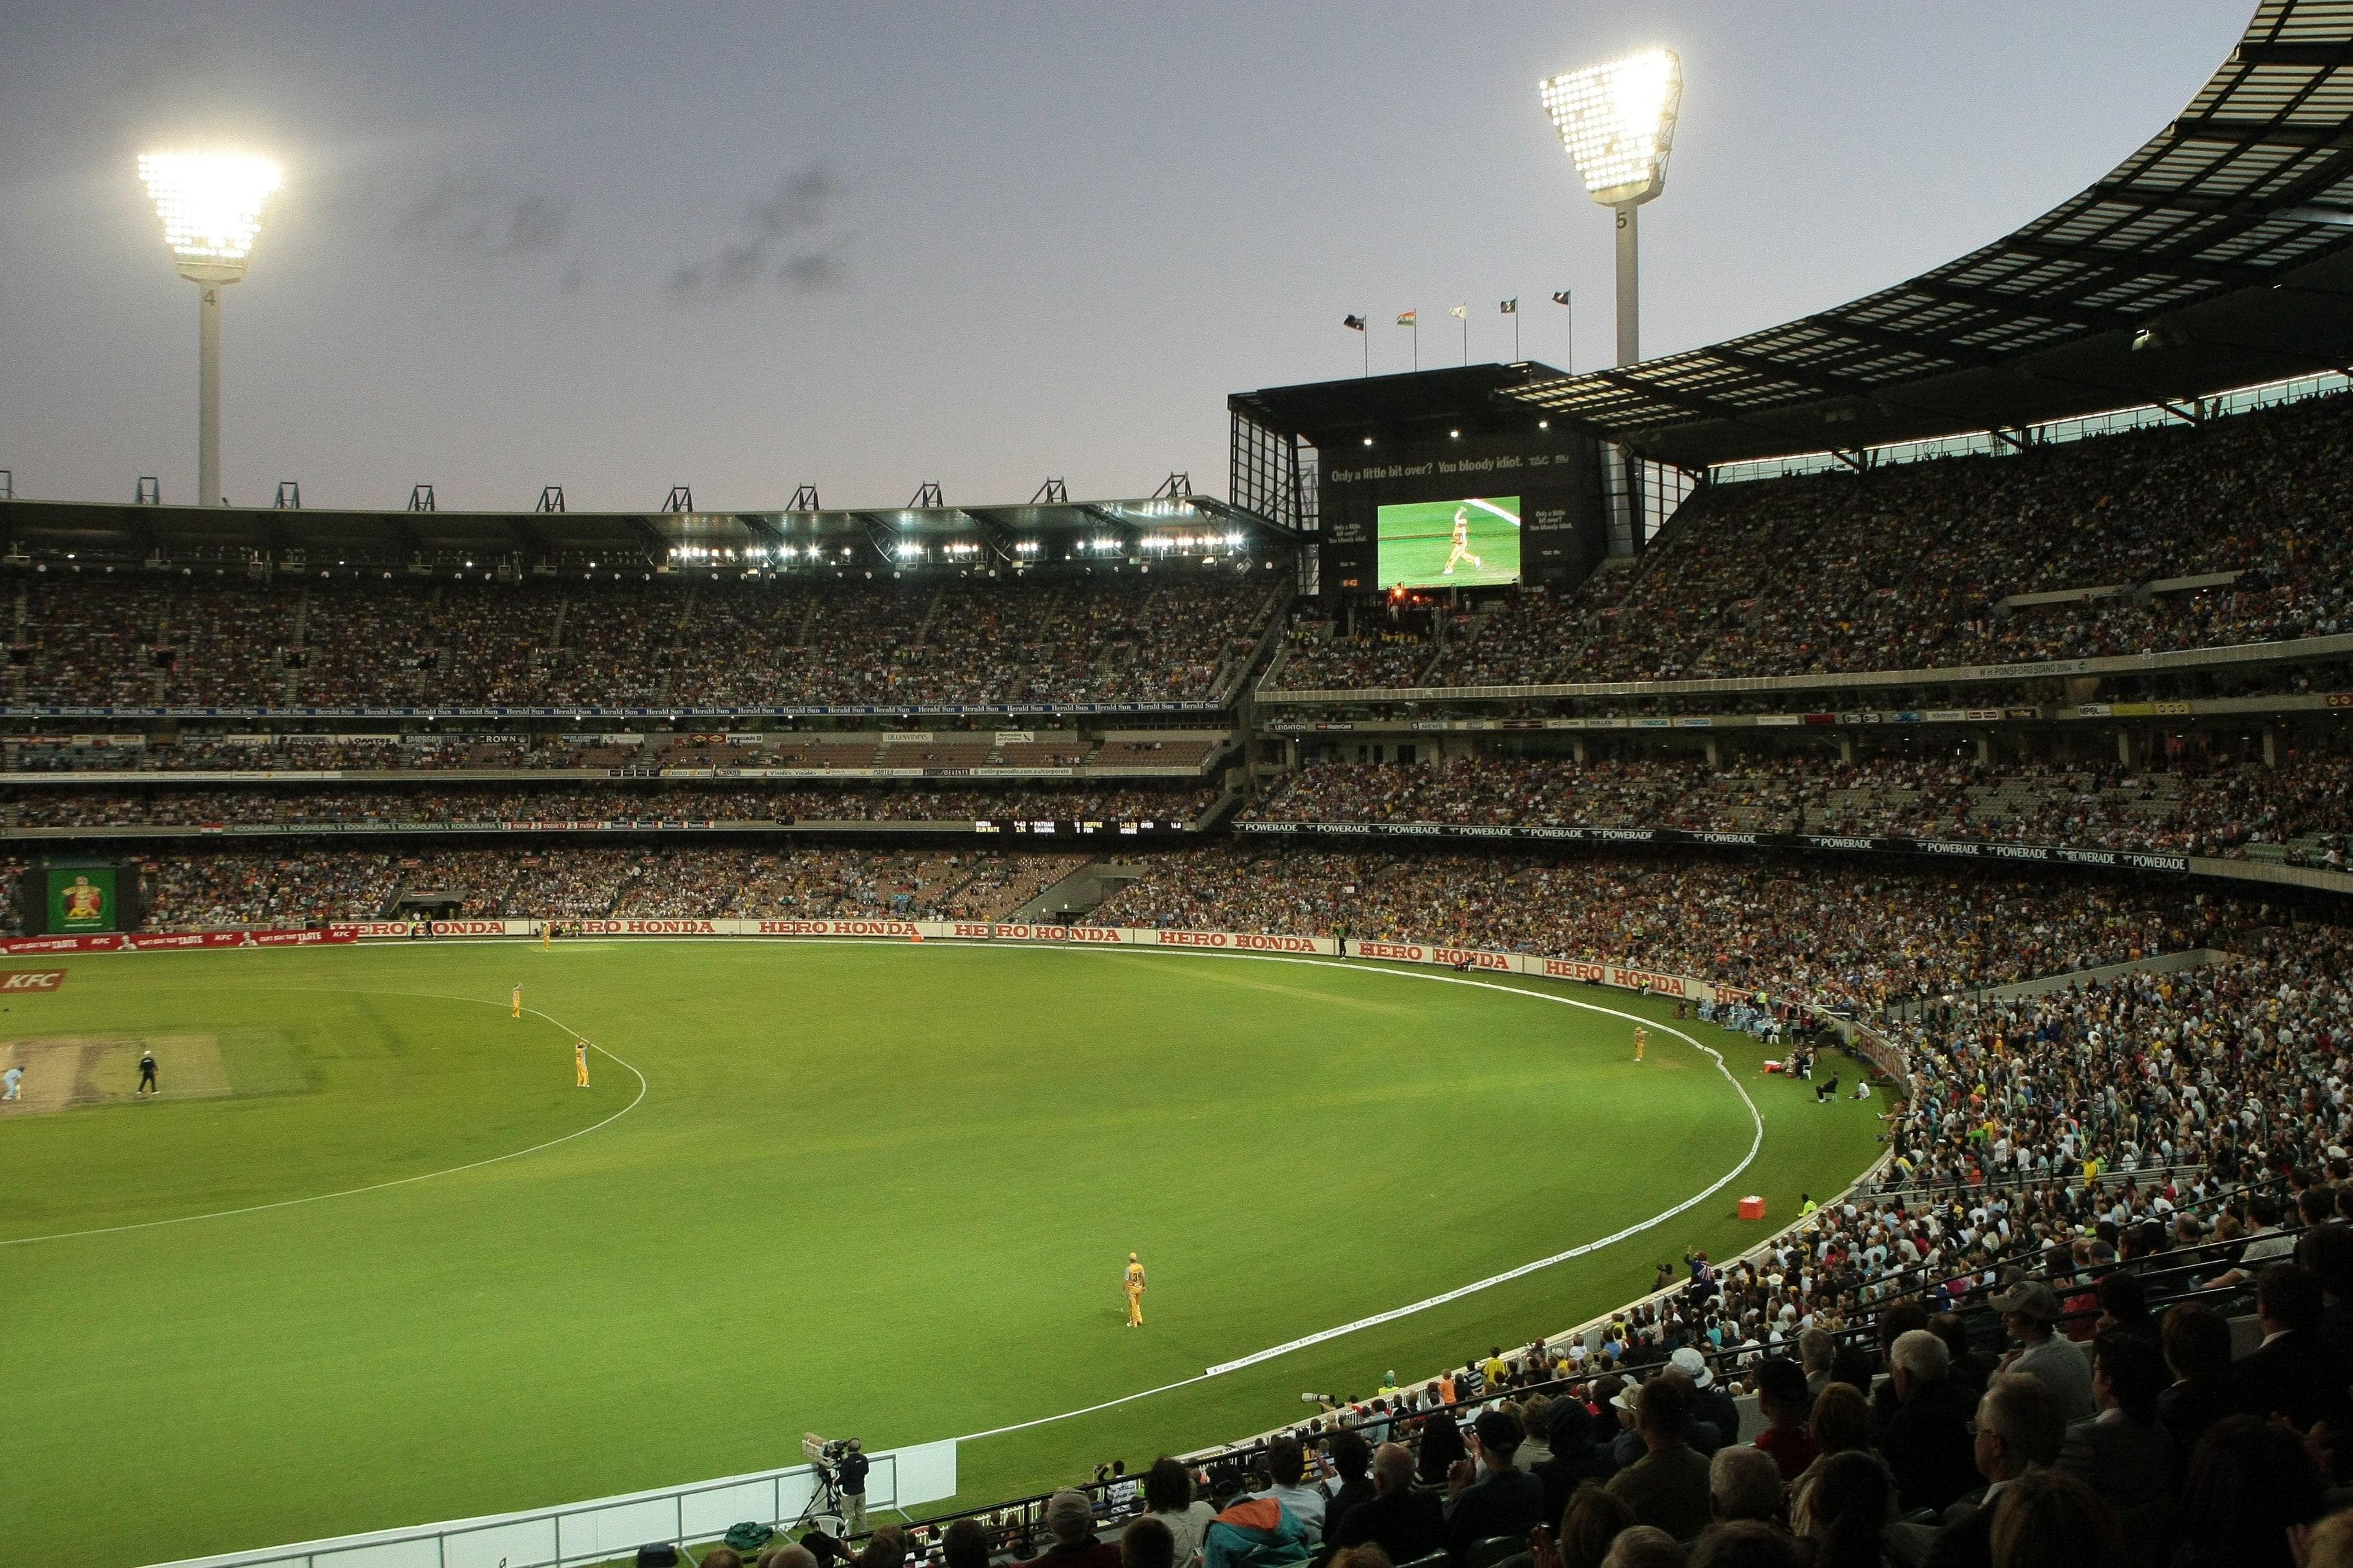 墨爾本(Melbourne)墨爾本板球場(MCG)